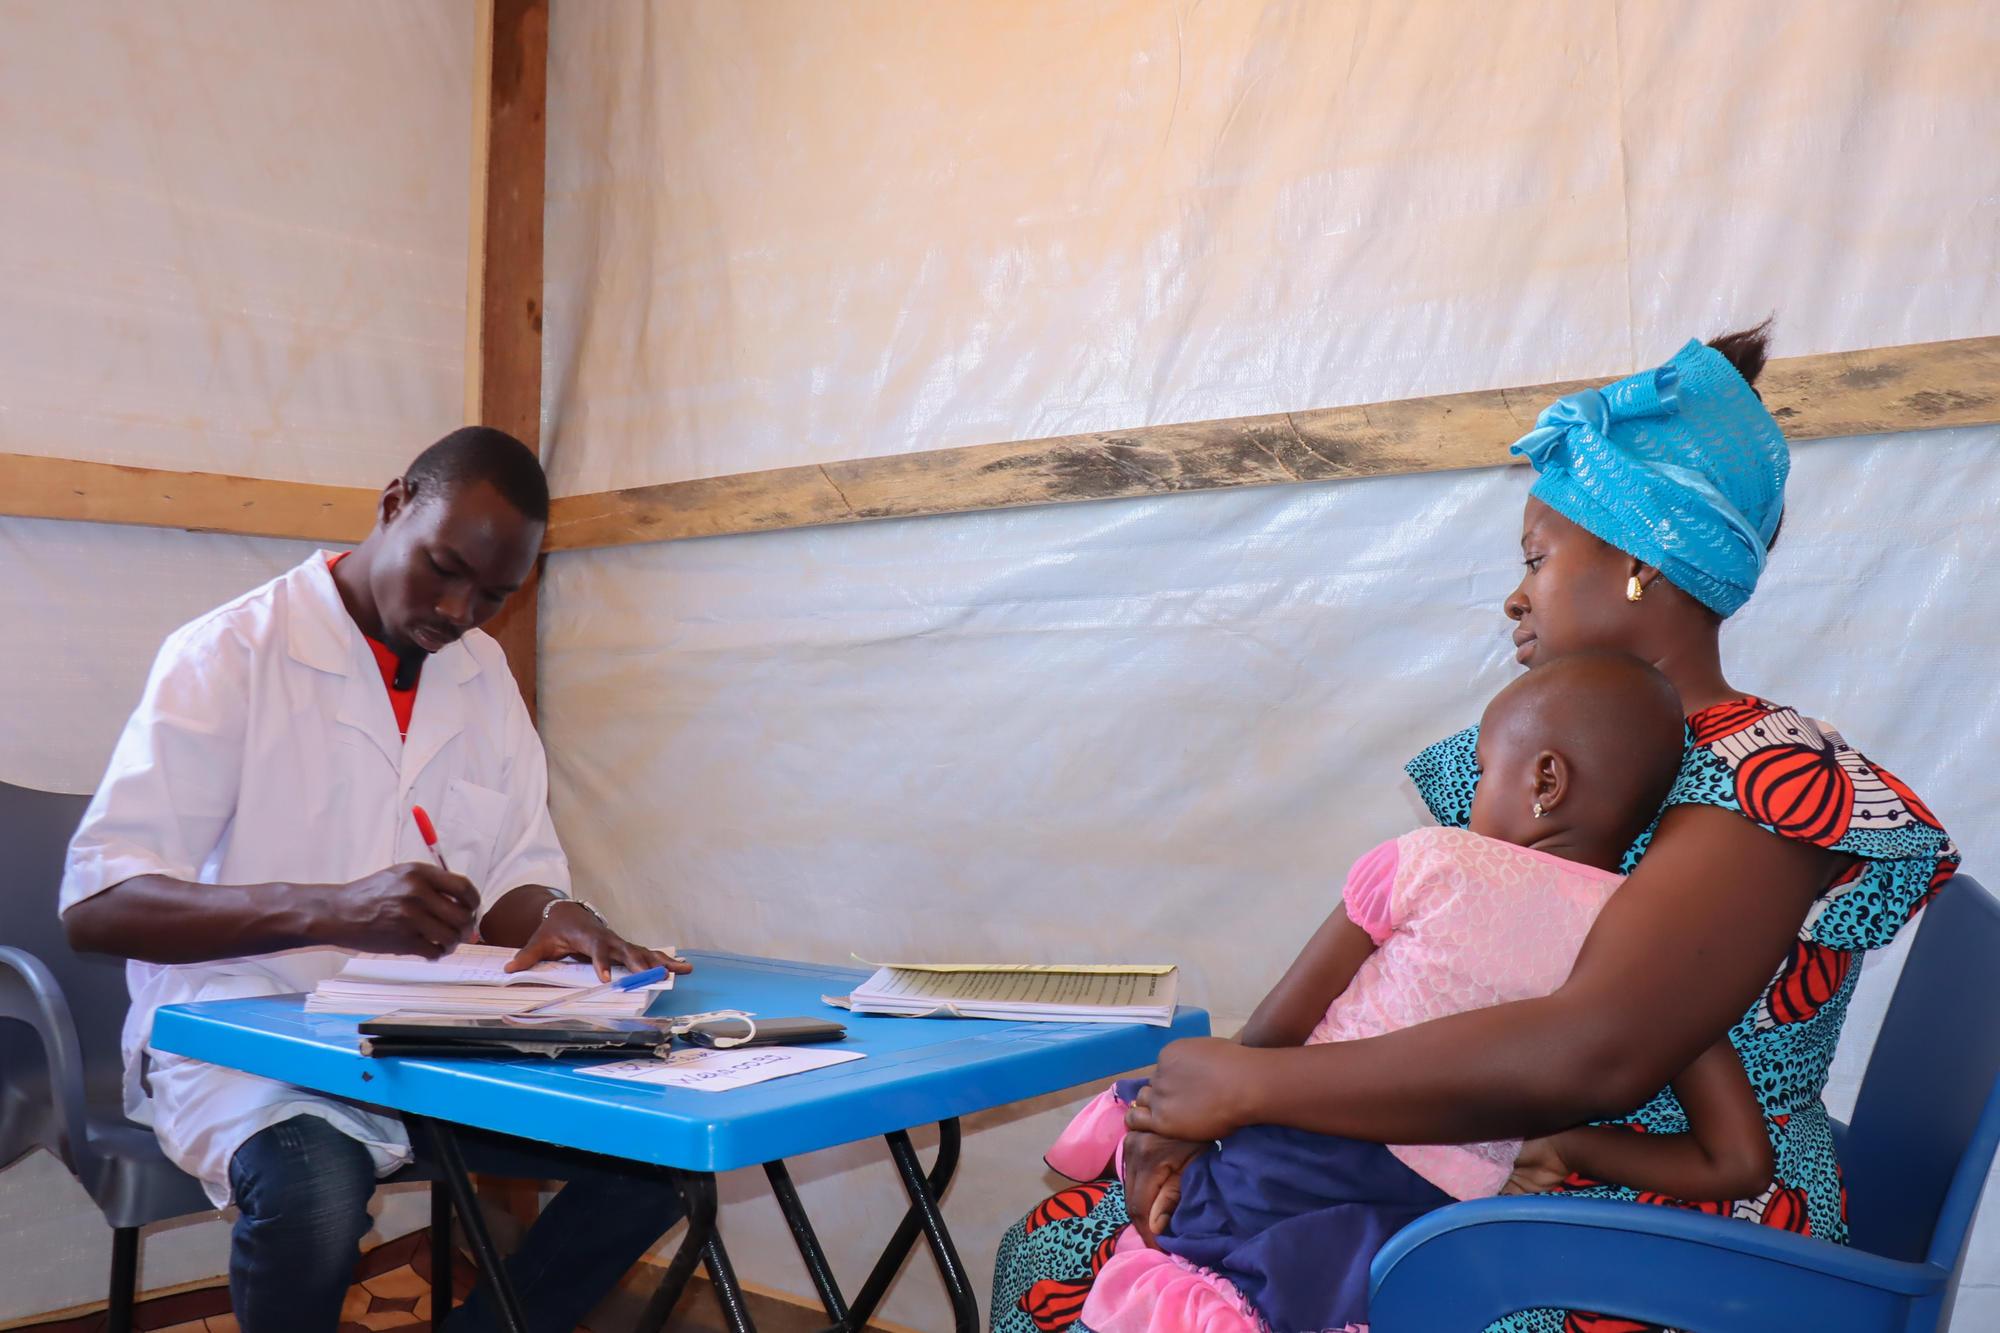 Burkina Faso, L'epidemia Di Covid Aggrava La Crisi Umanitaria In Corso